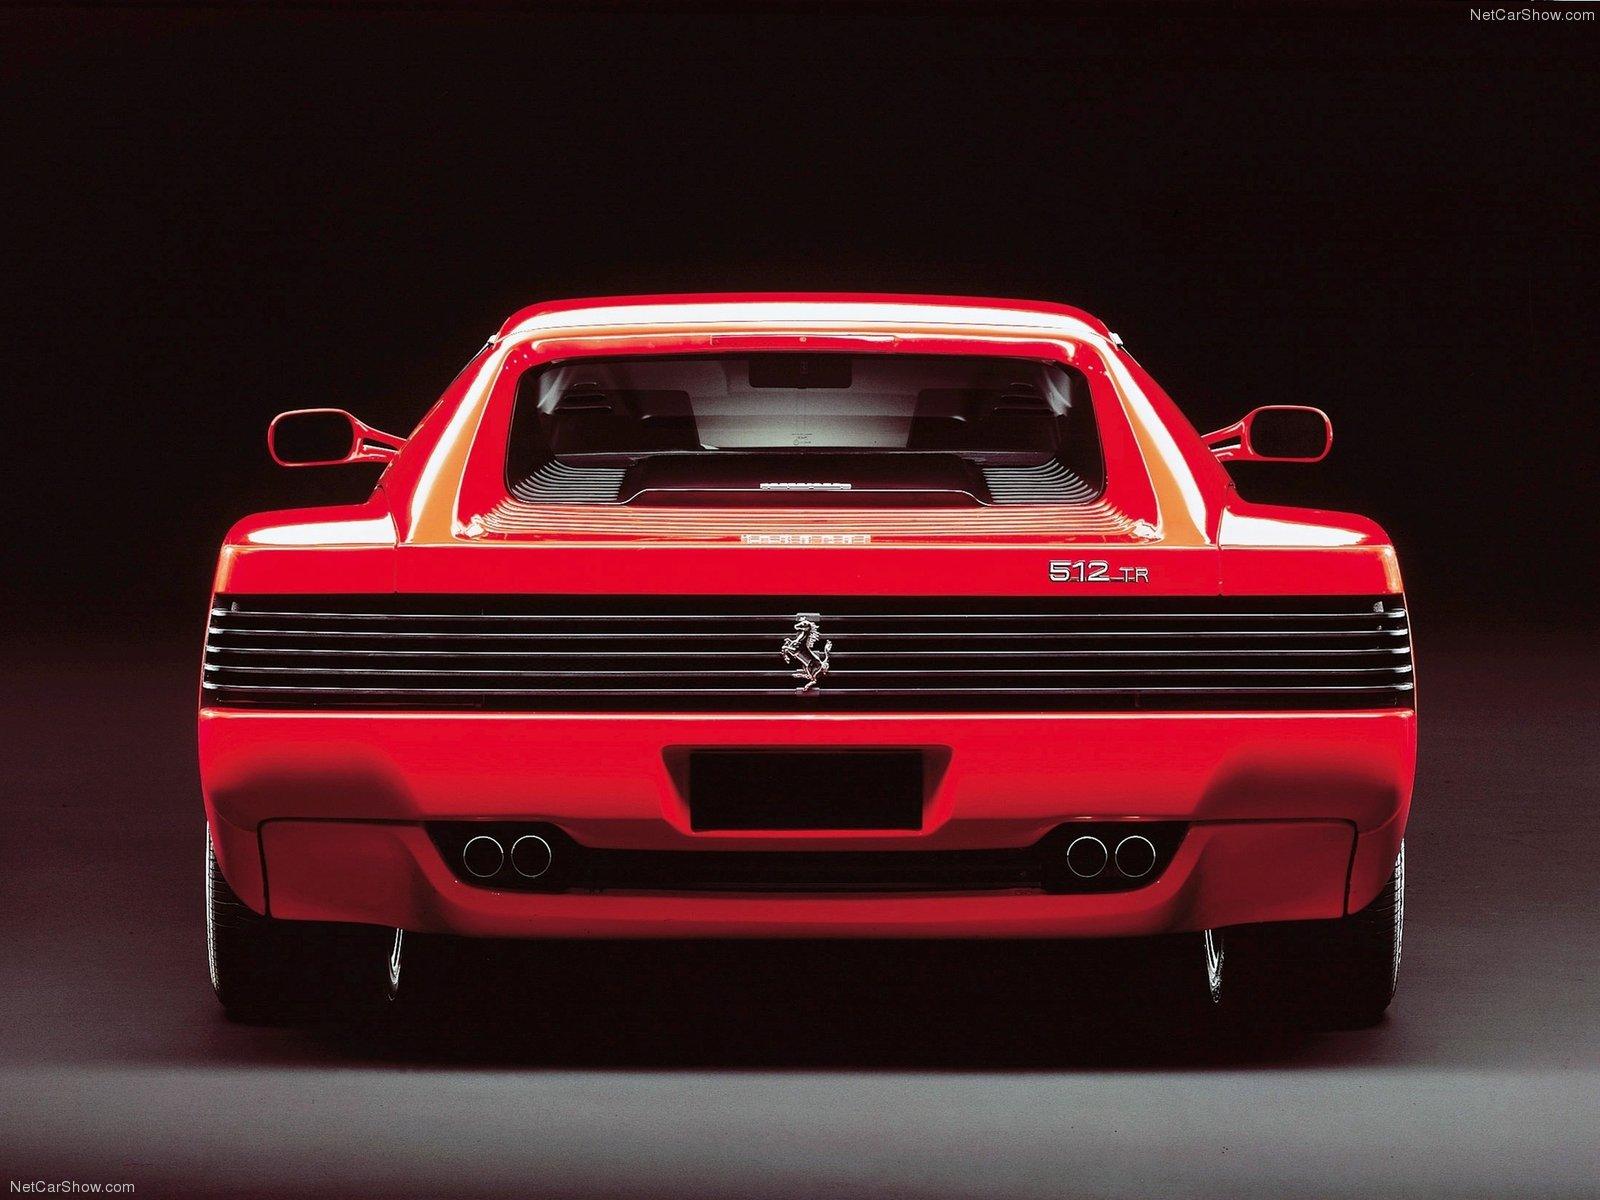 Hình ảnh siêu xe Ferrari 512 TR 1991 & nội ngoại thất